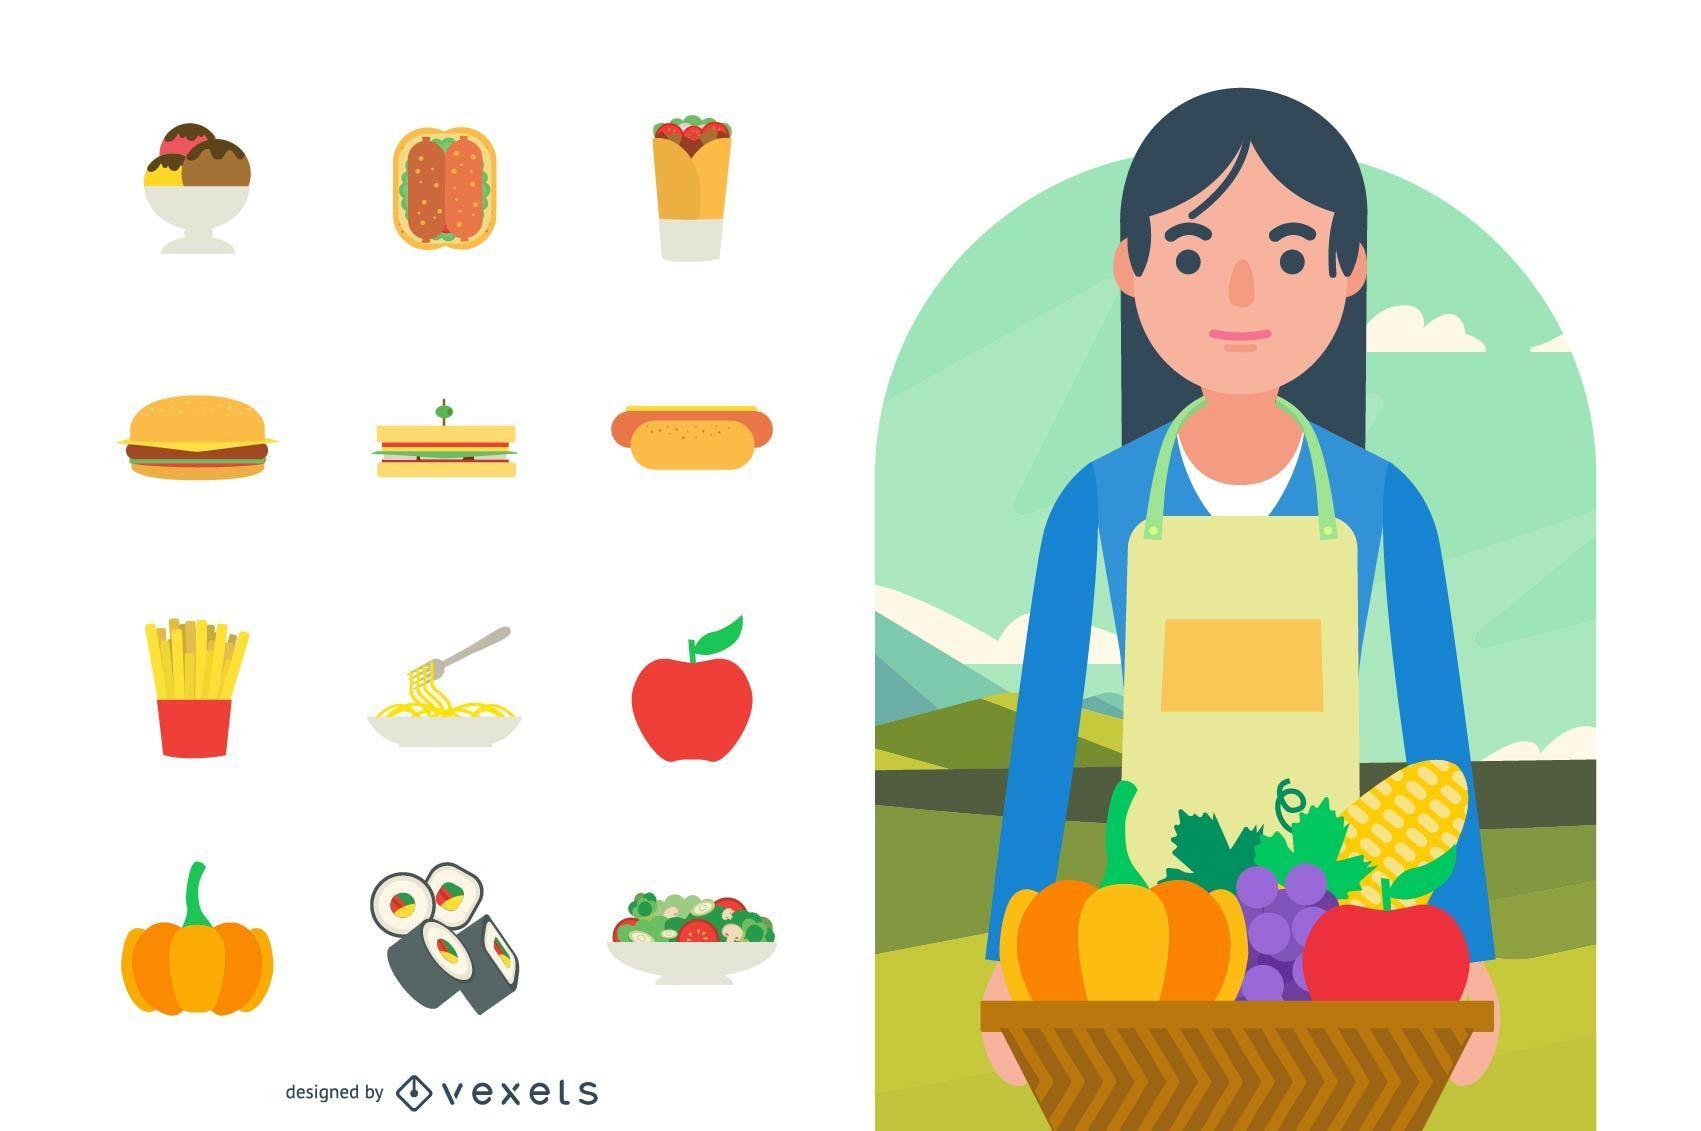 Gráficos vectoriales de comida y cocina